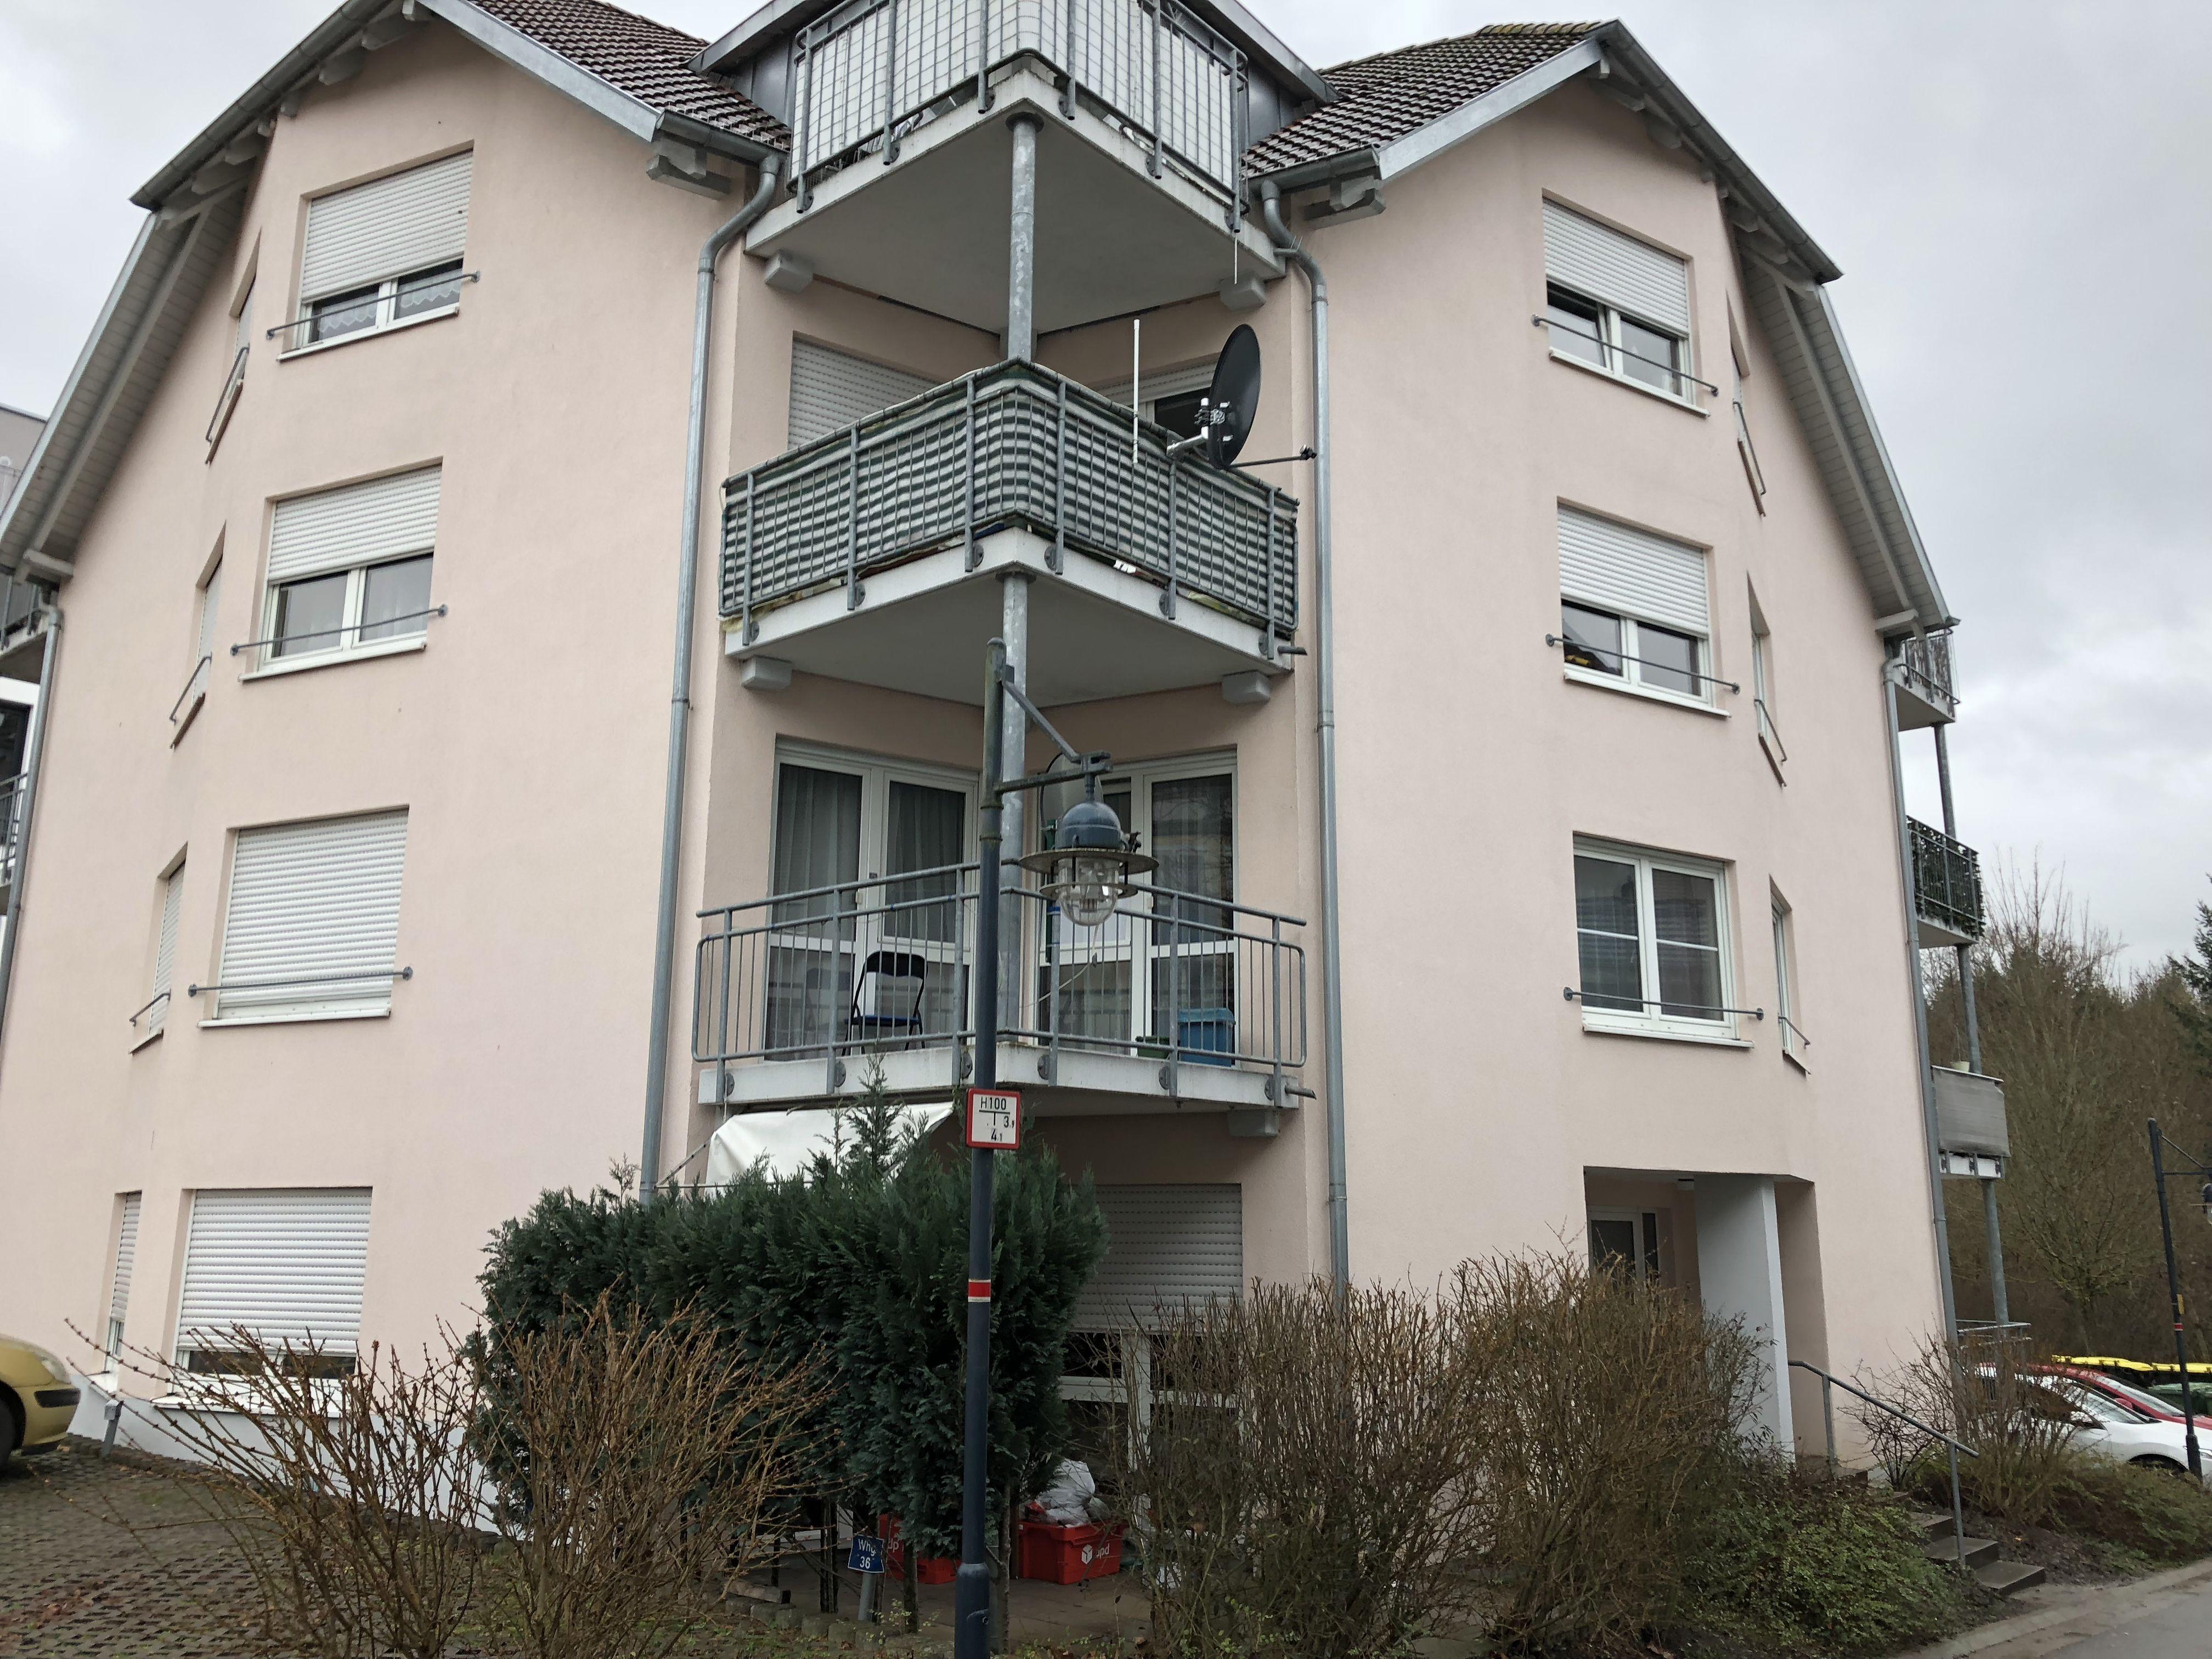 Wohnung zu #verkaufen In #tuttlingen #house #neu #emlak #haus ...